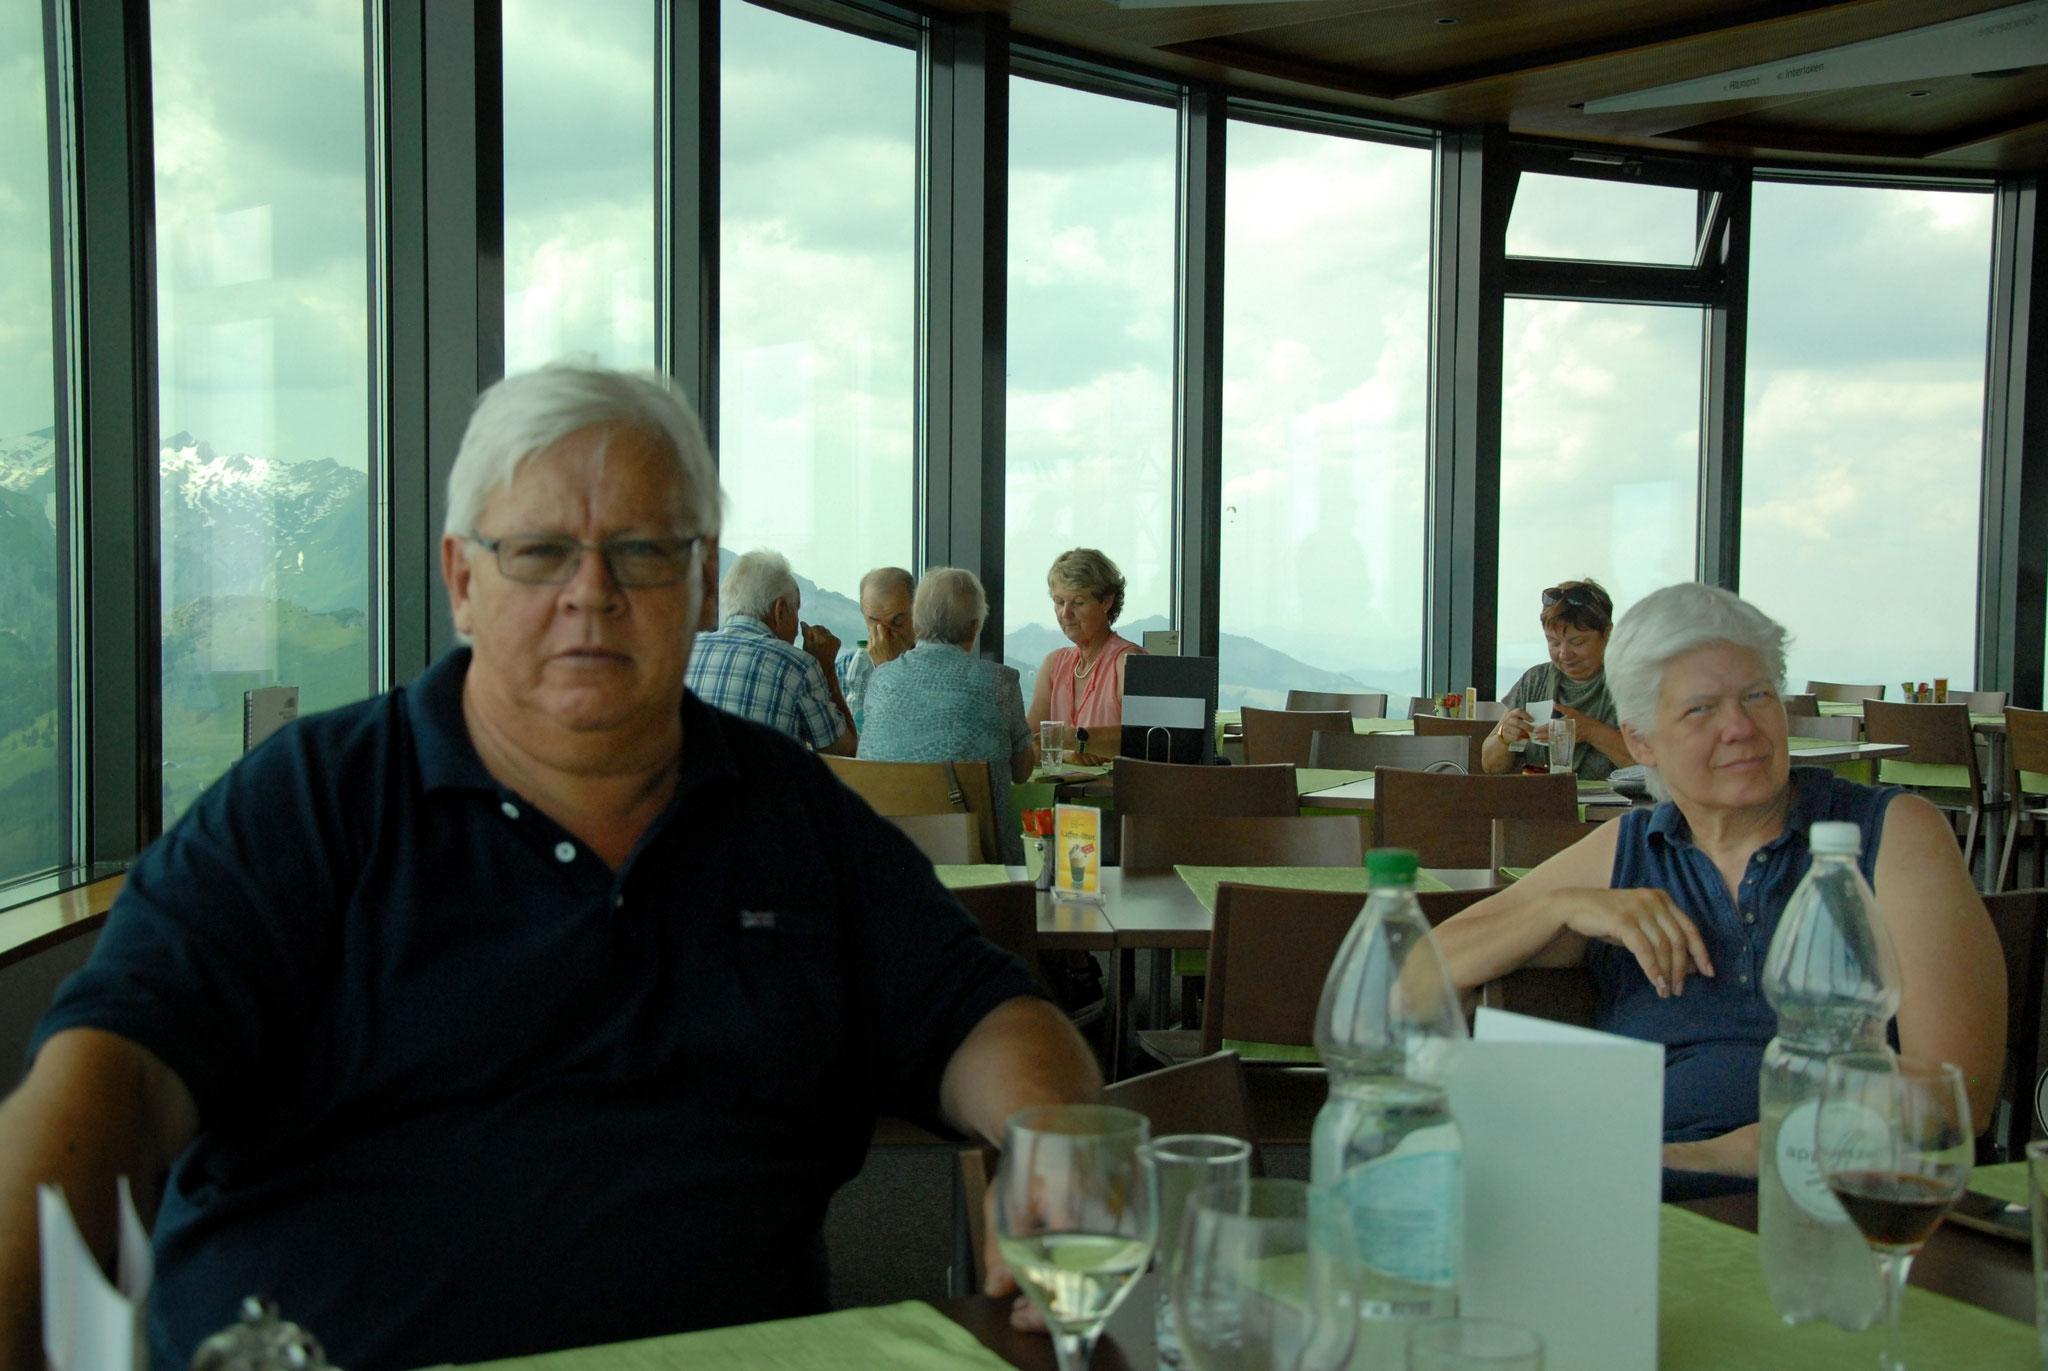 Hoher Kasten Drehrestaurant